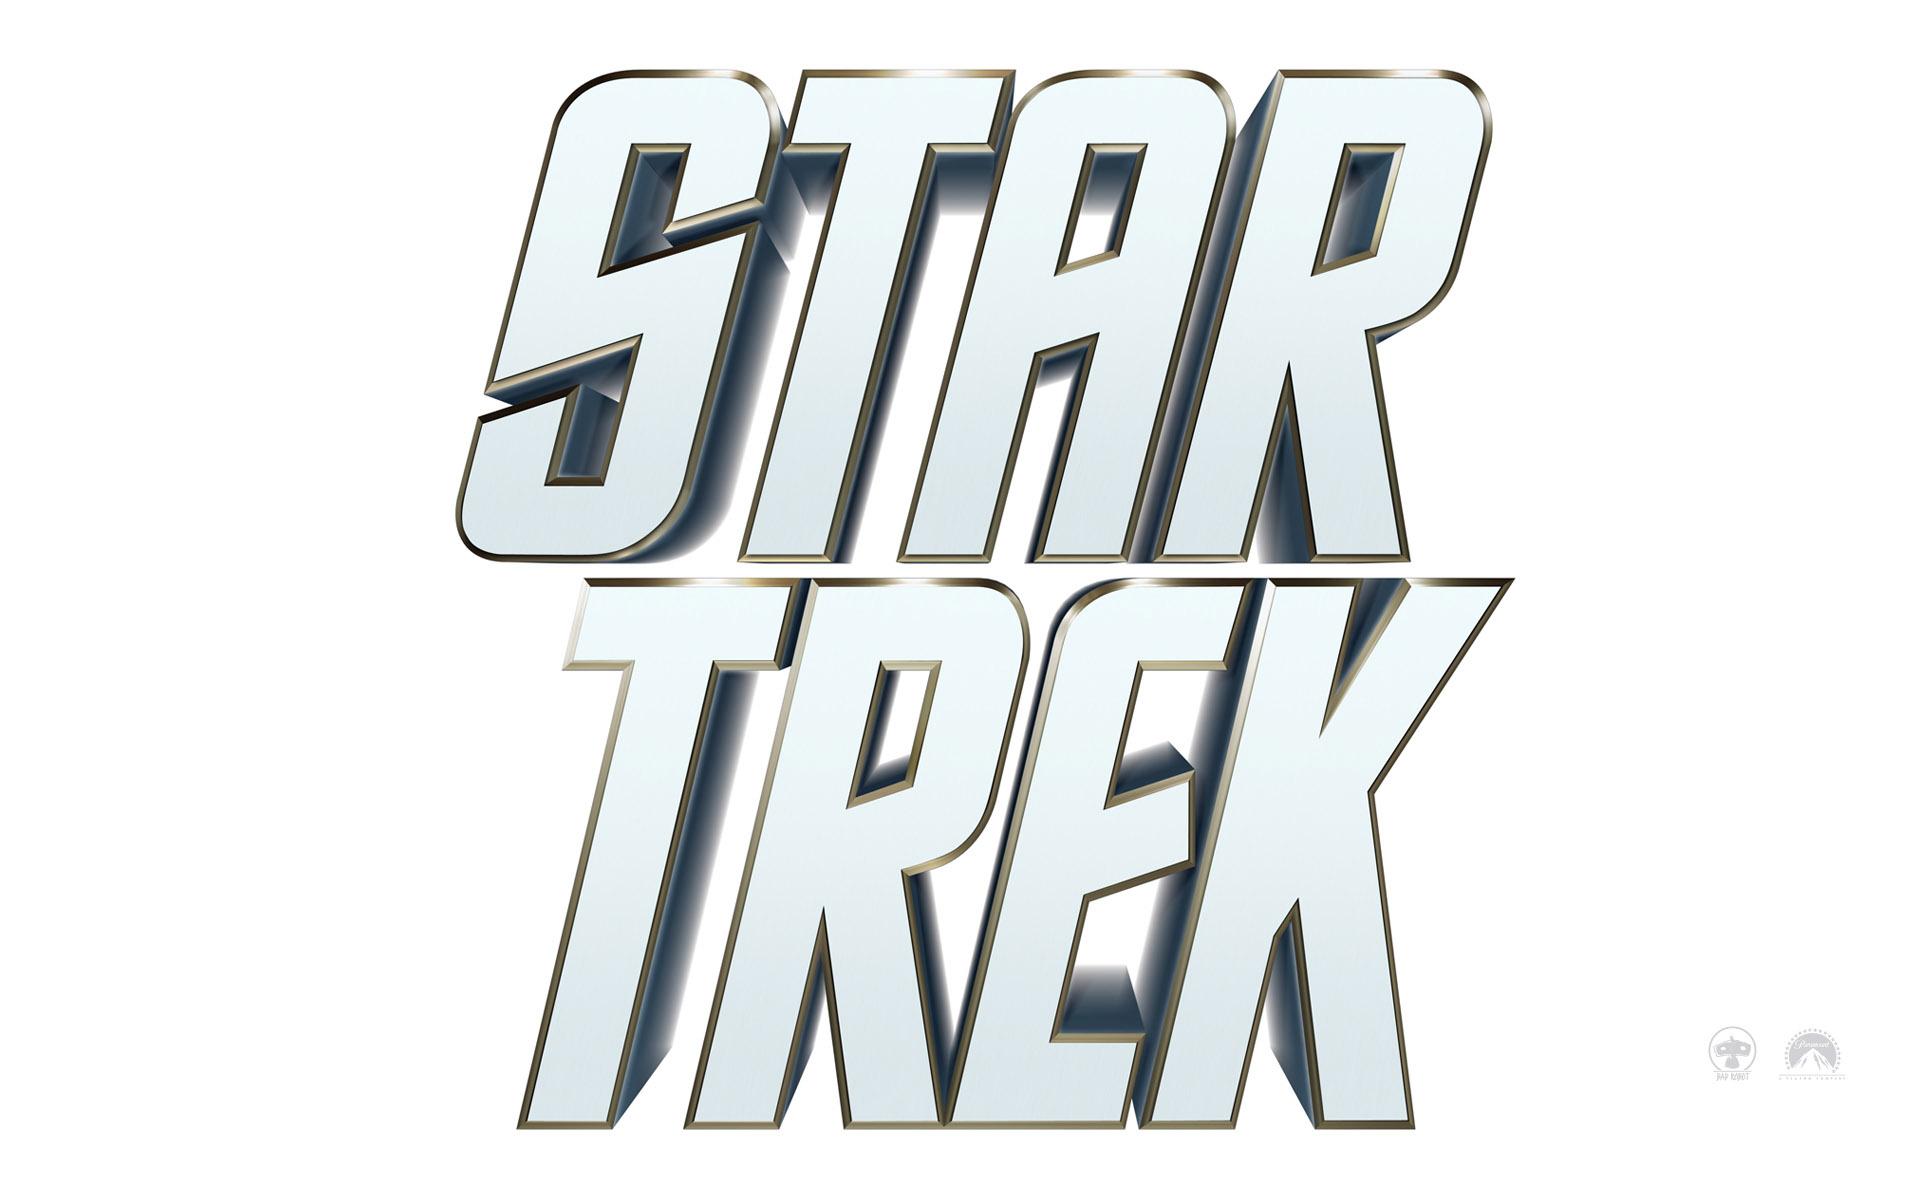 Wallpaper Titre blanc du Film Star Trek